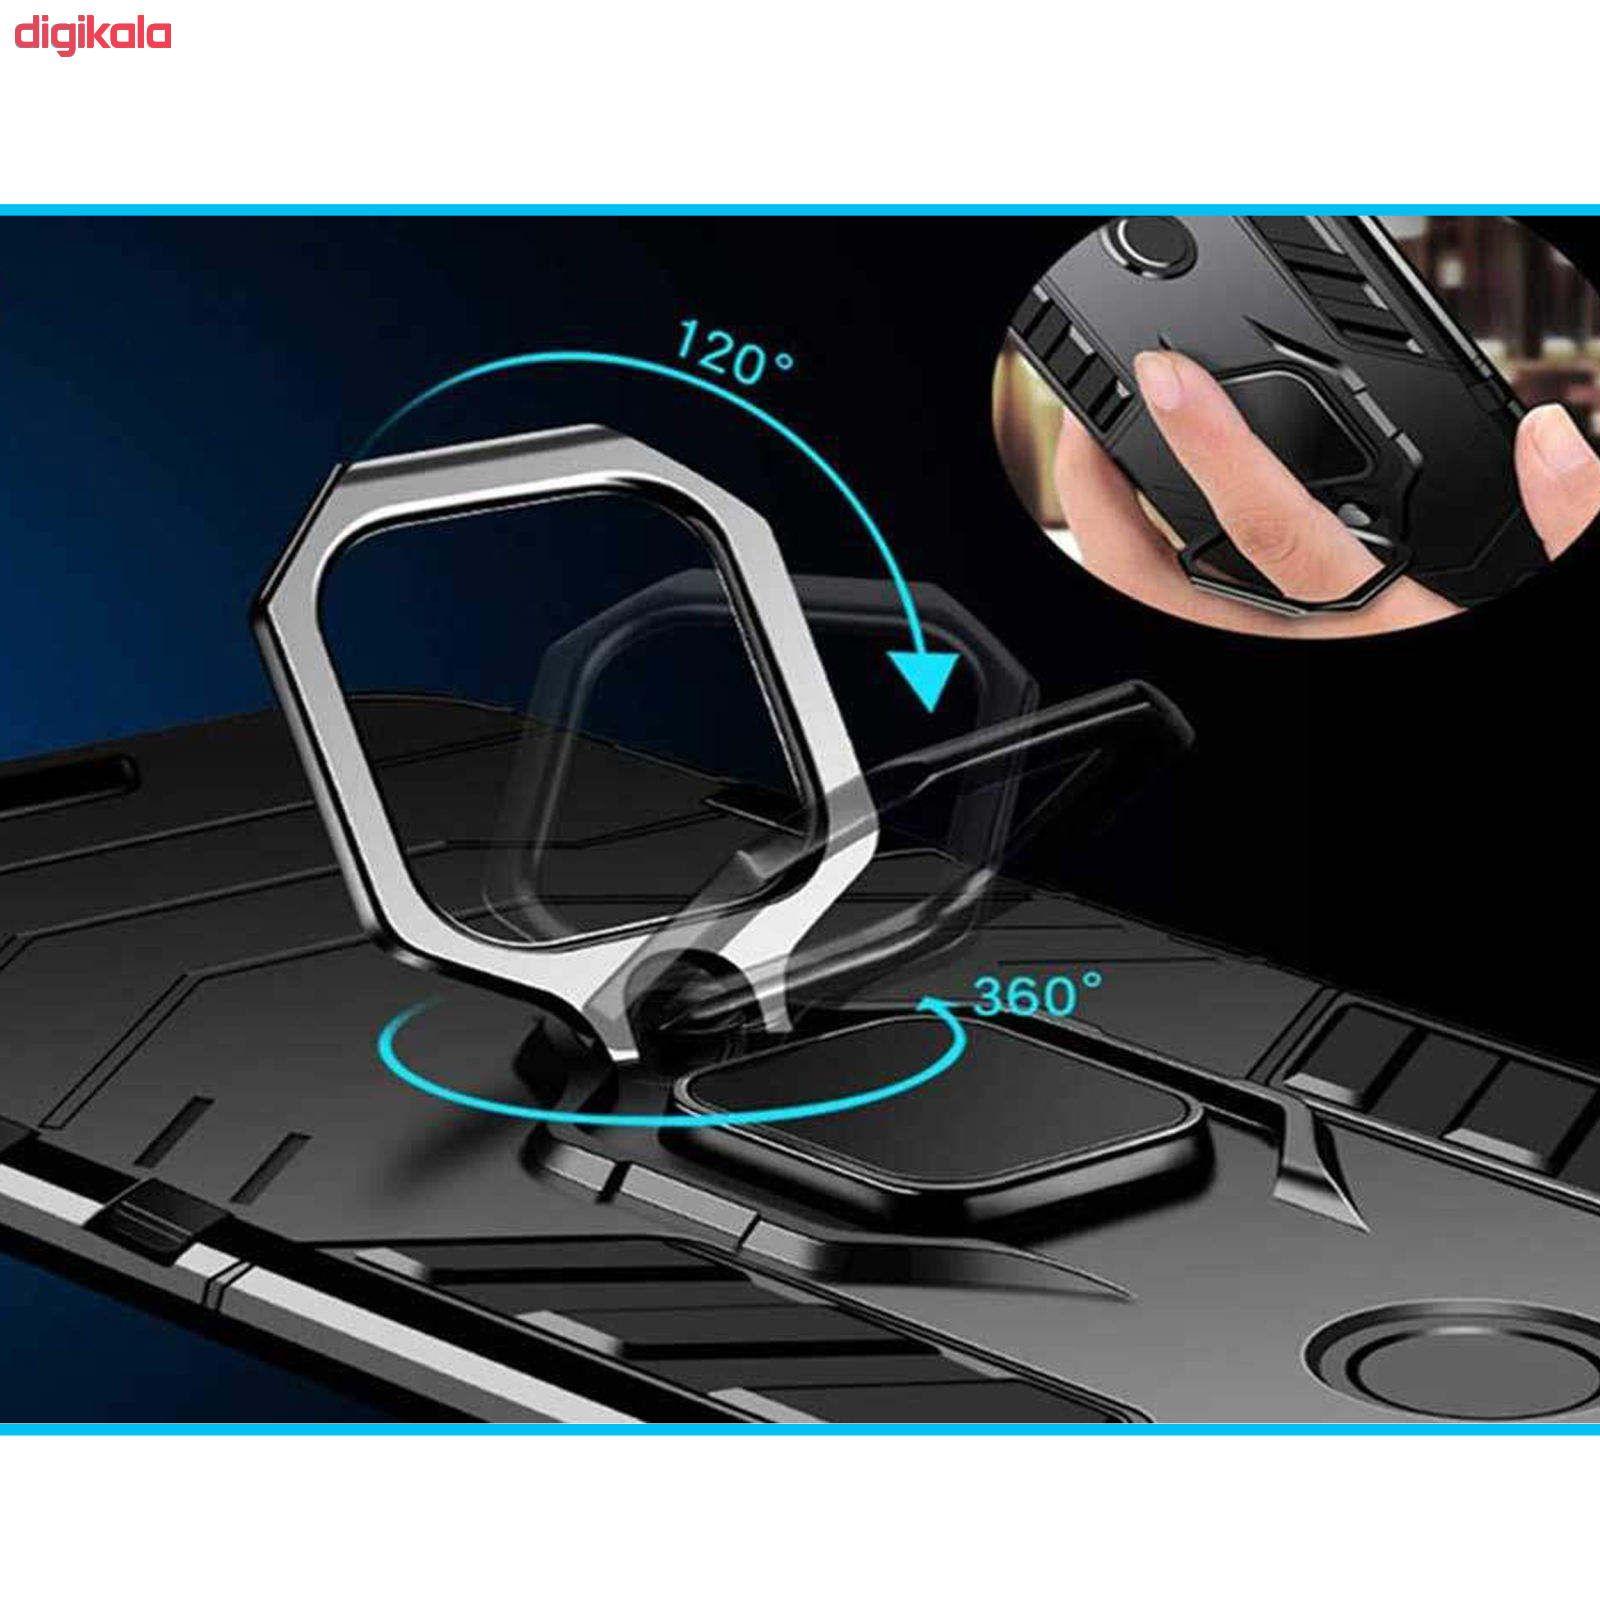 کاور کینگ پاور مدل ASH22 مناسب برای گوشی موبایل شیائومی Redmi 9 / Redmi 9 Prime main 1 7